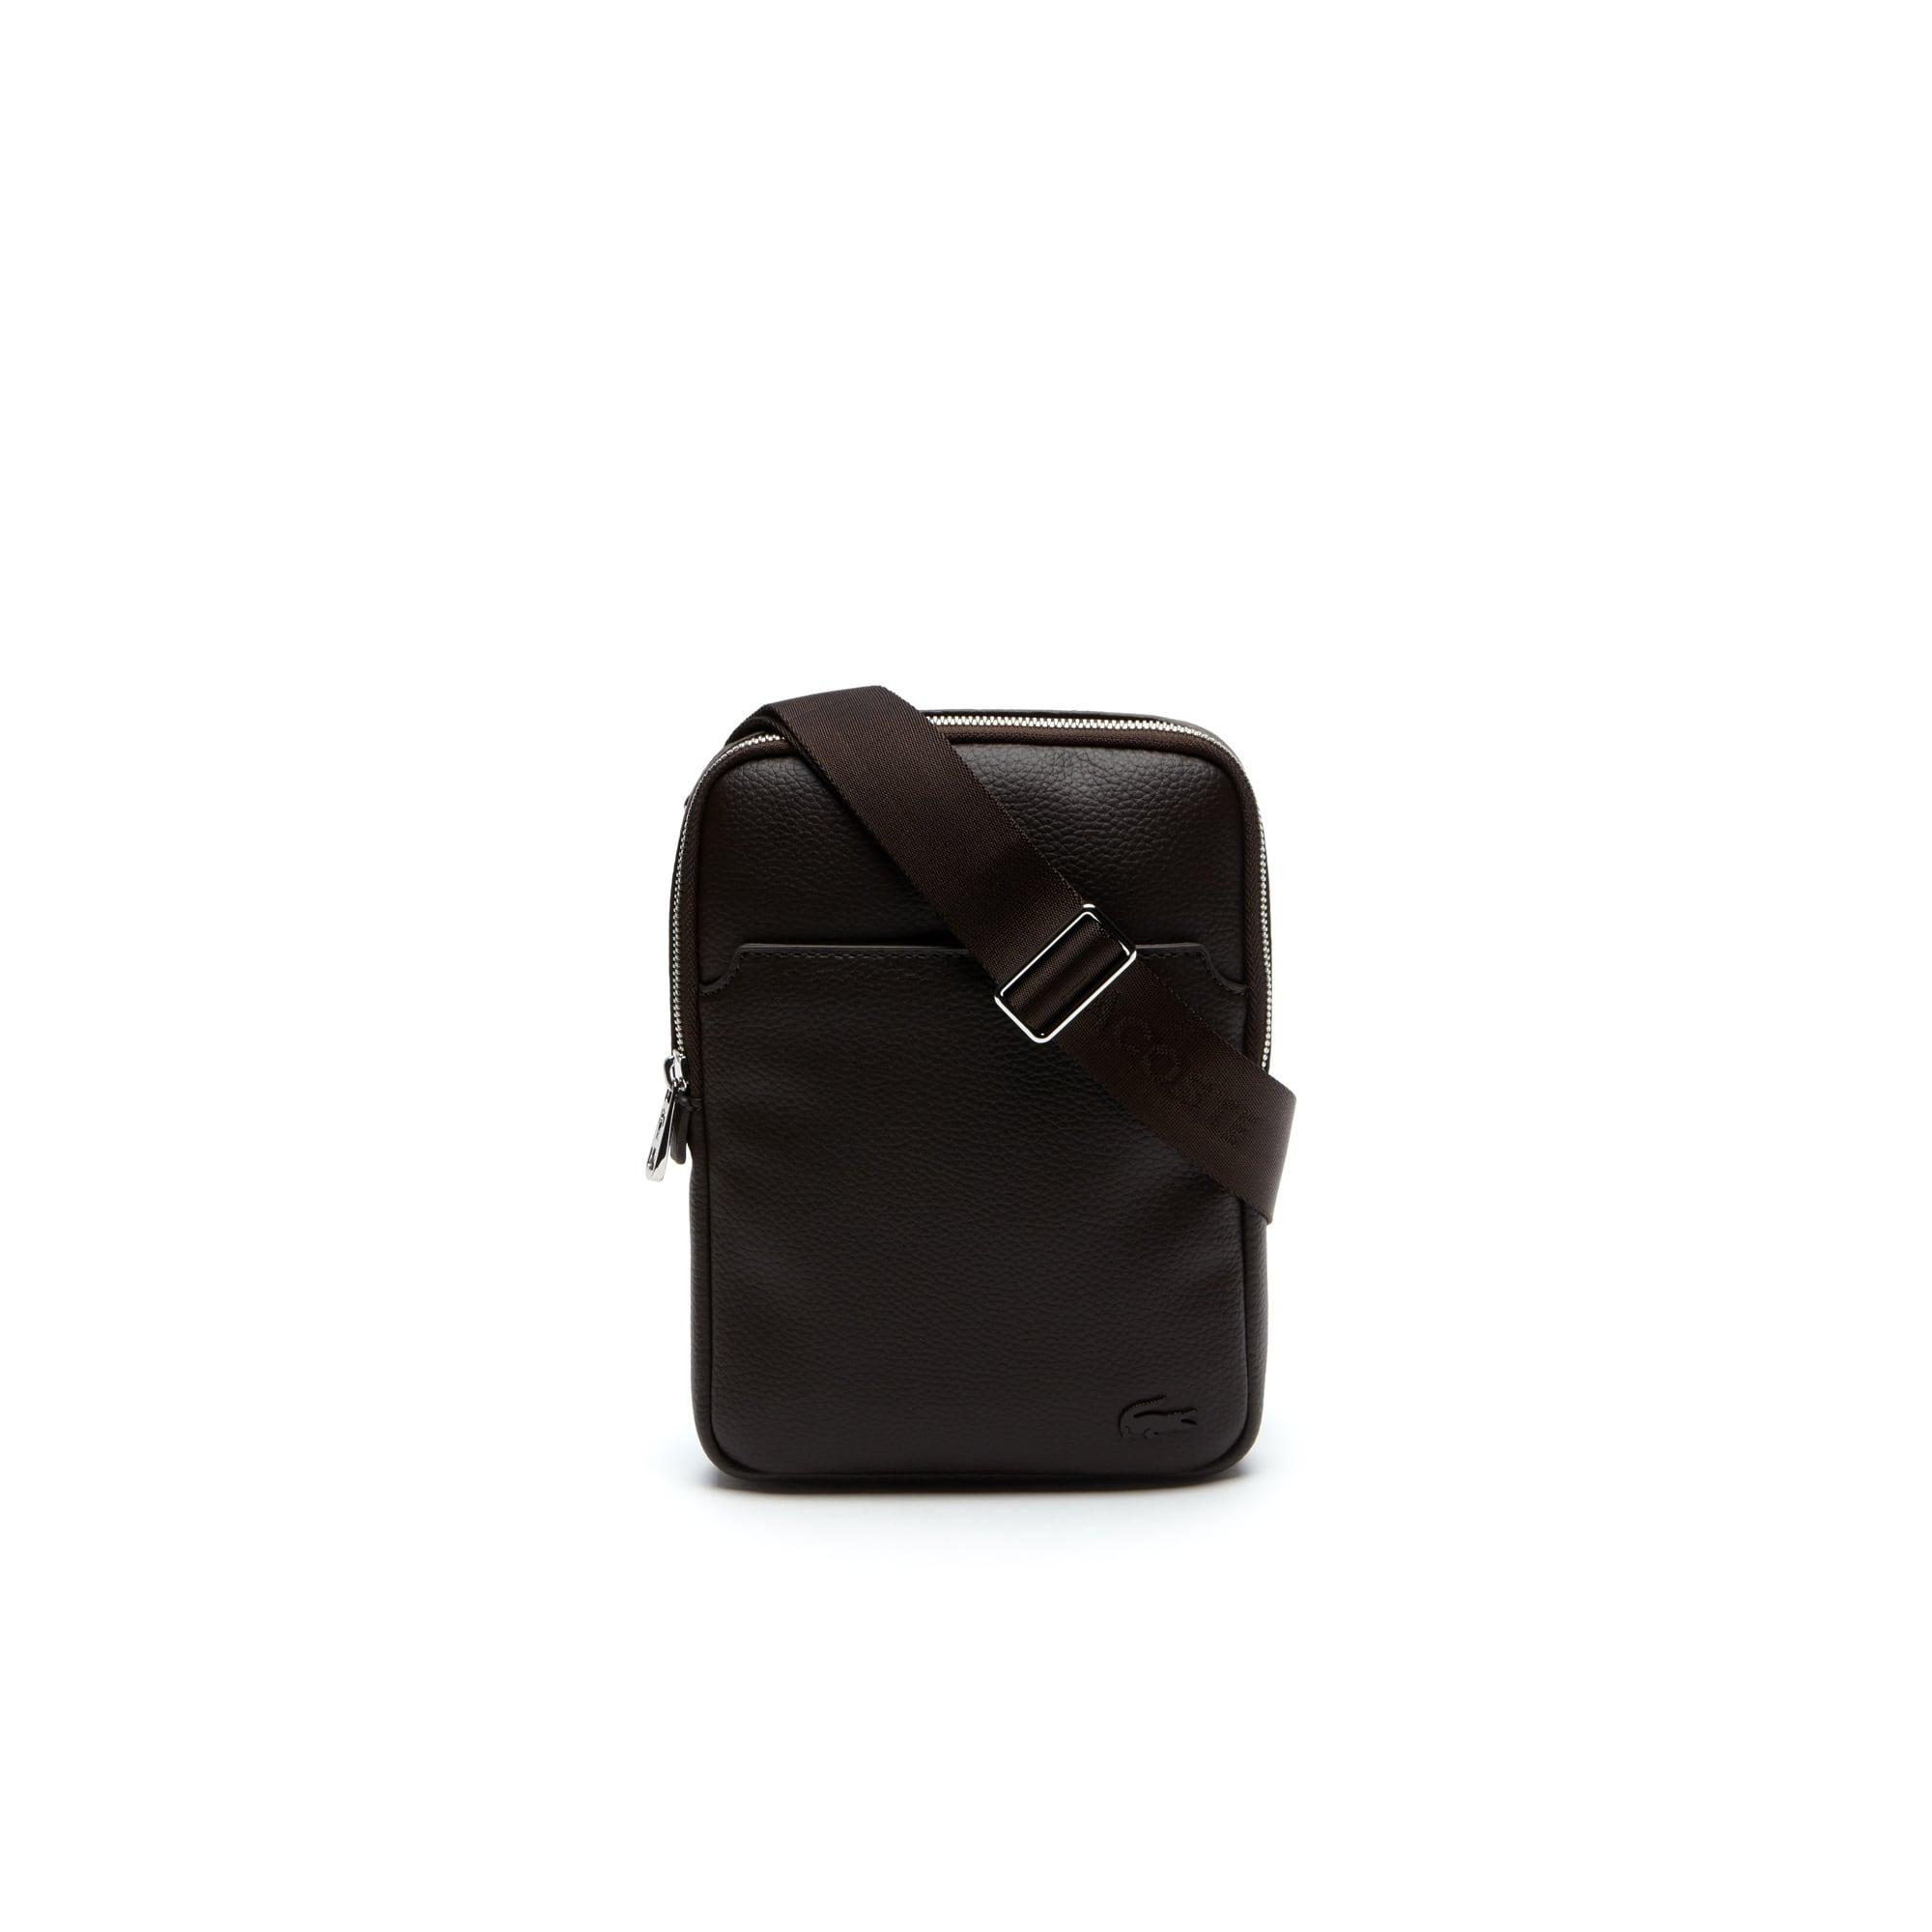 라코스테 Lacoste Mens Gael Small Flat Zip Bag,CHOCOLATE BROWN